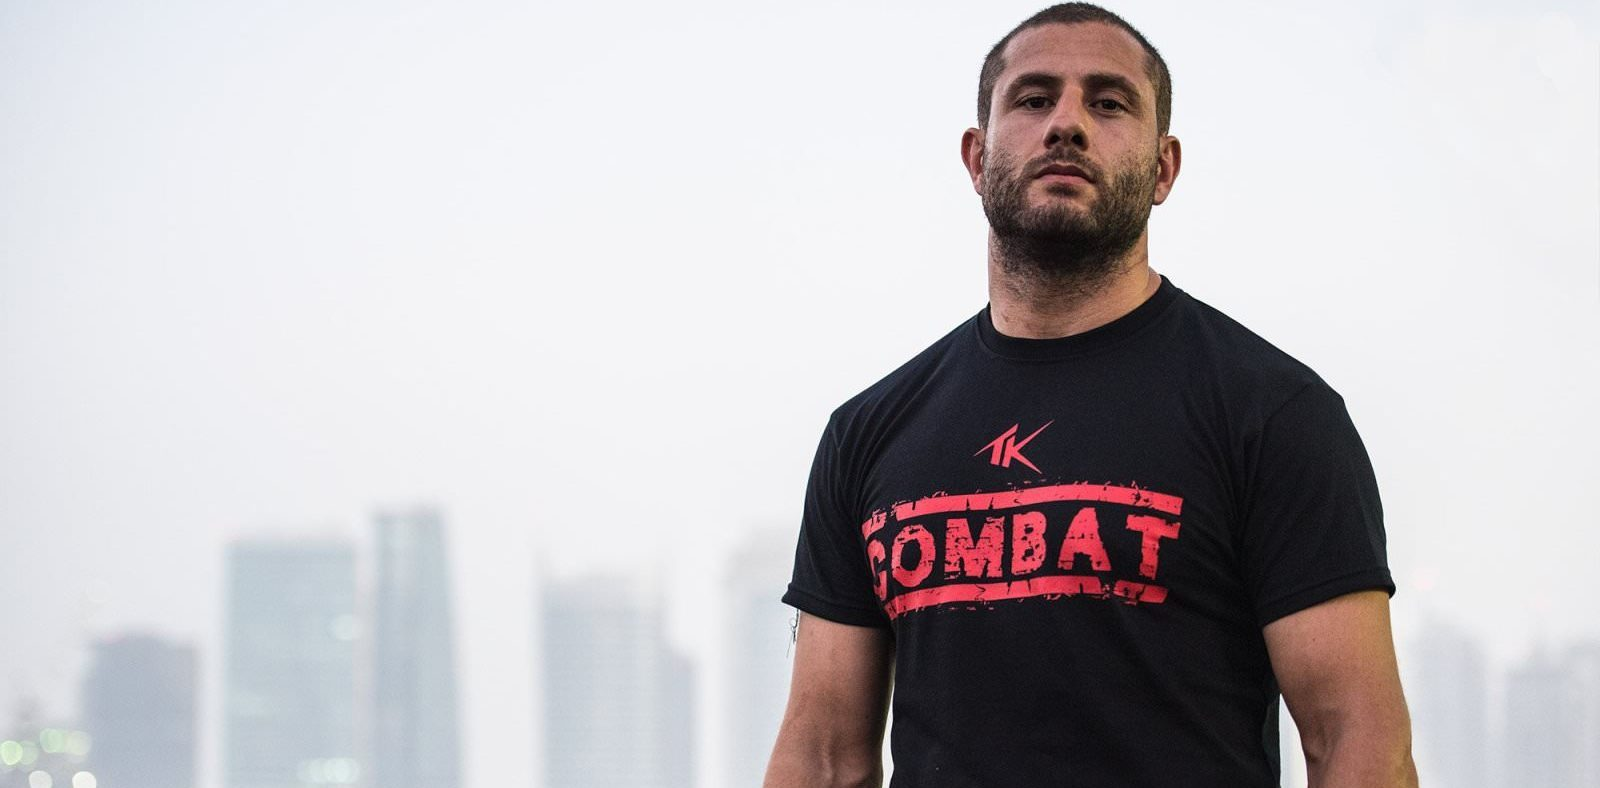 Кикбокс легенда се раздели с UFC